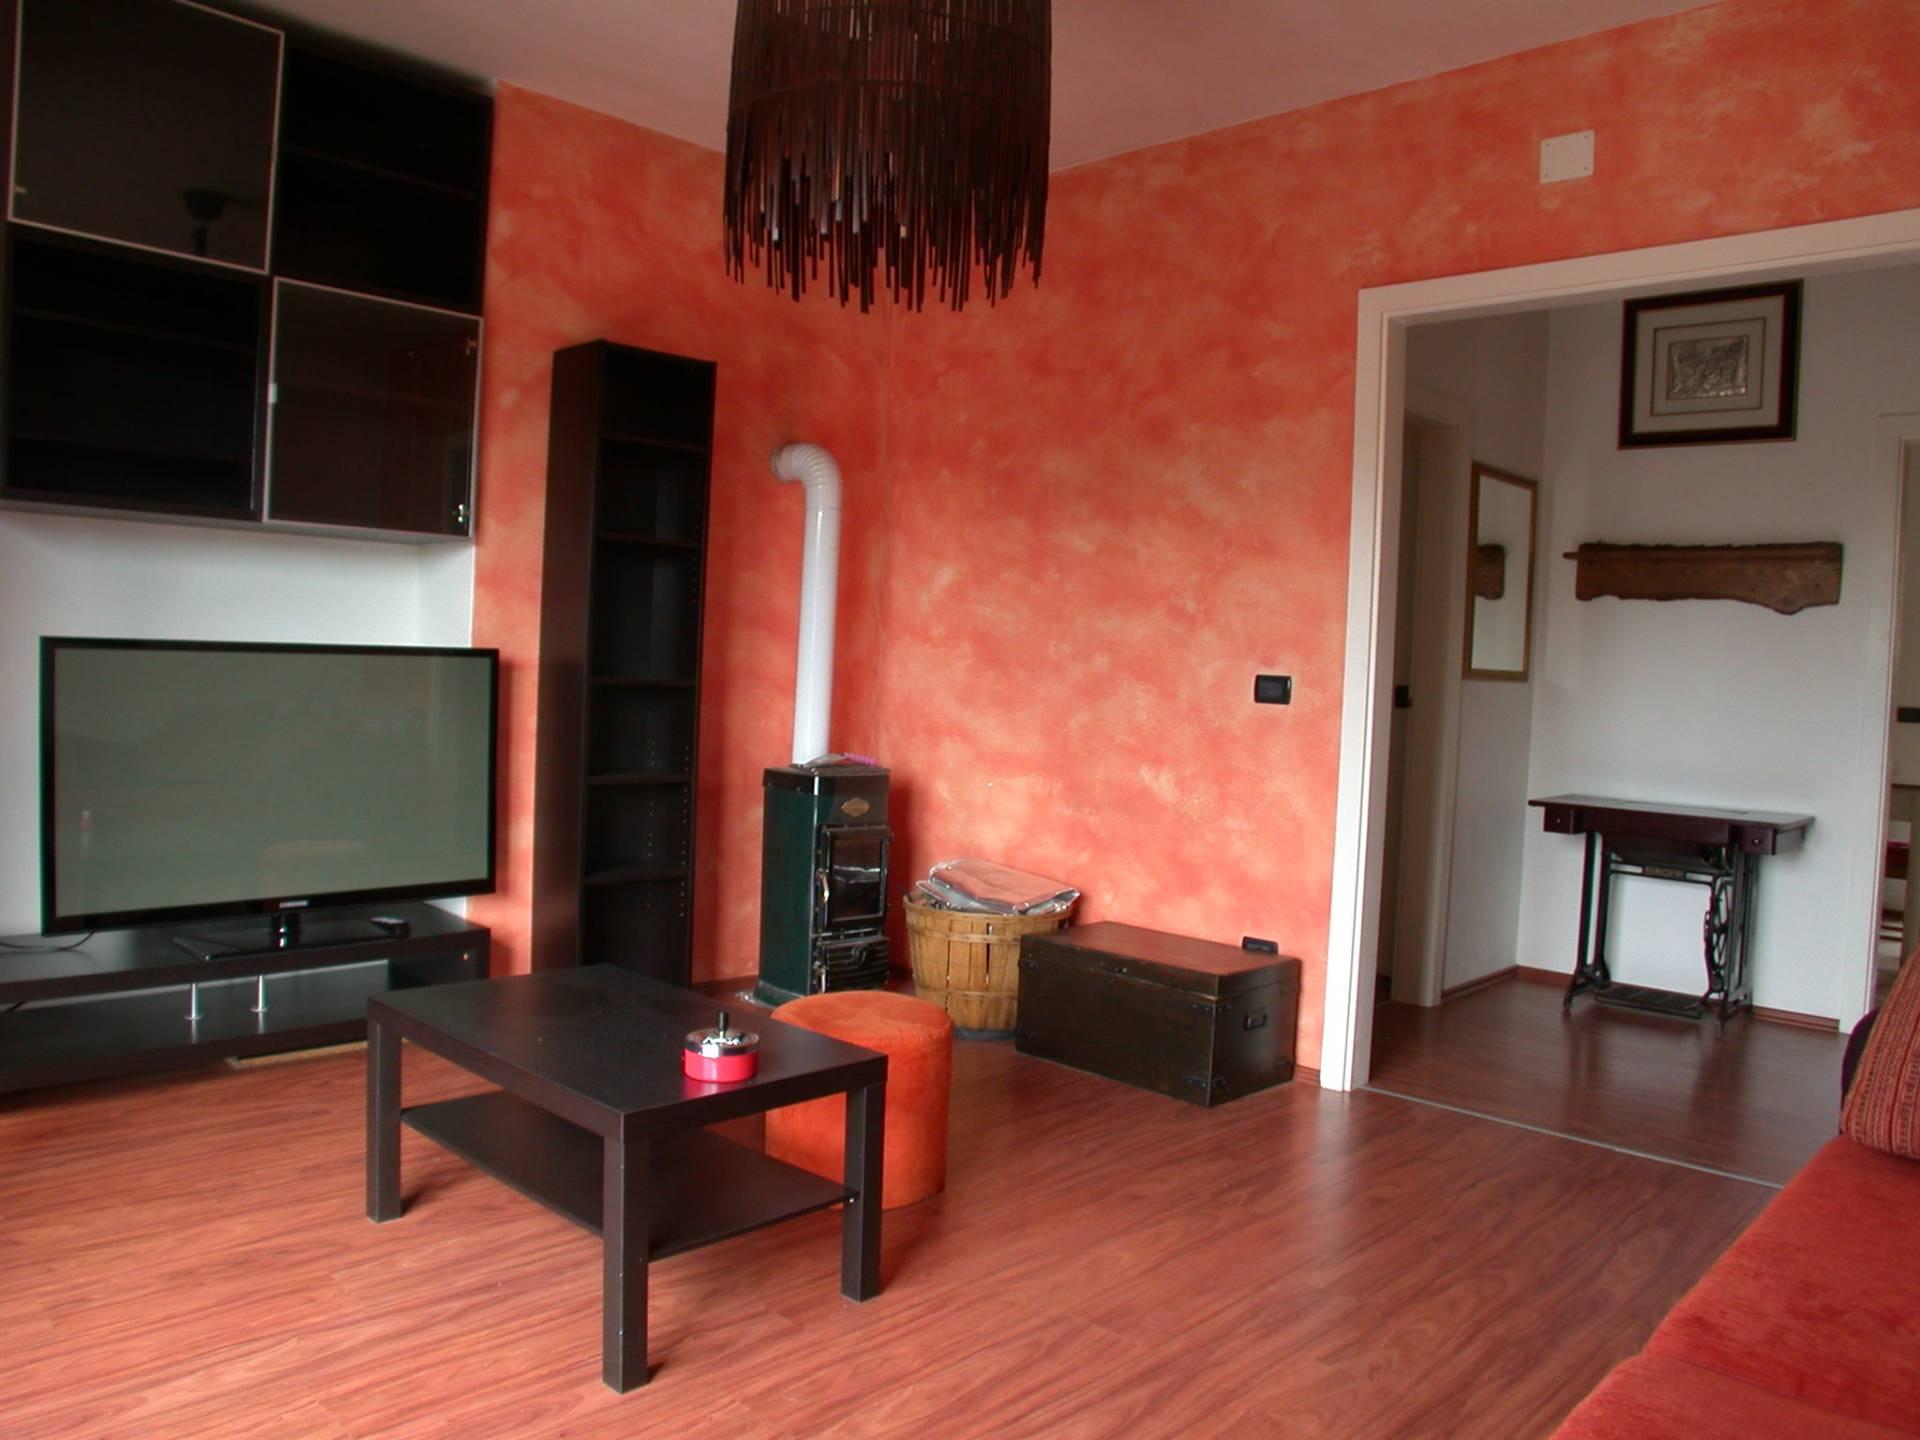 Appartamento in vendita a Gorizia, 6 locali, prezzo € 62.000 | Cambio Casa.it